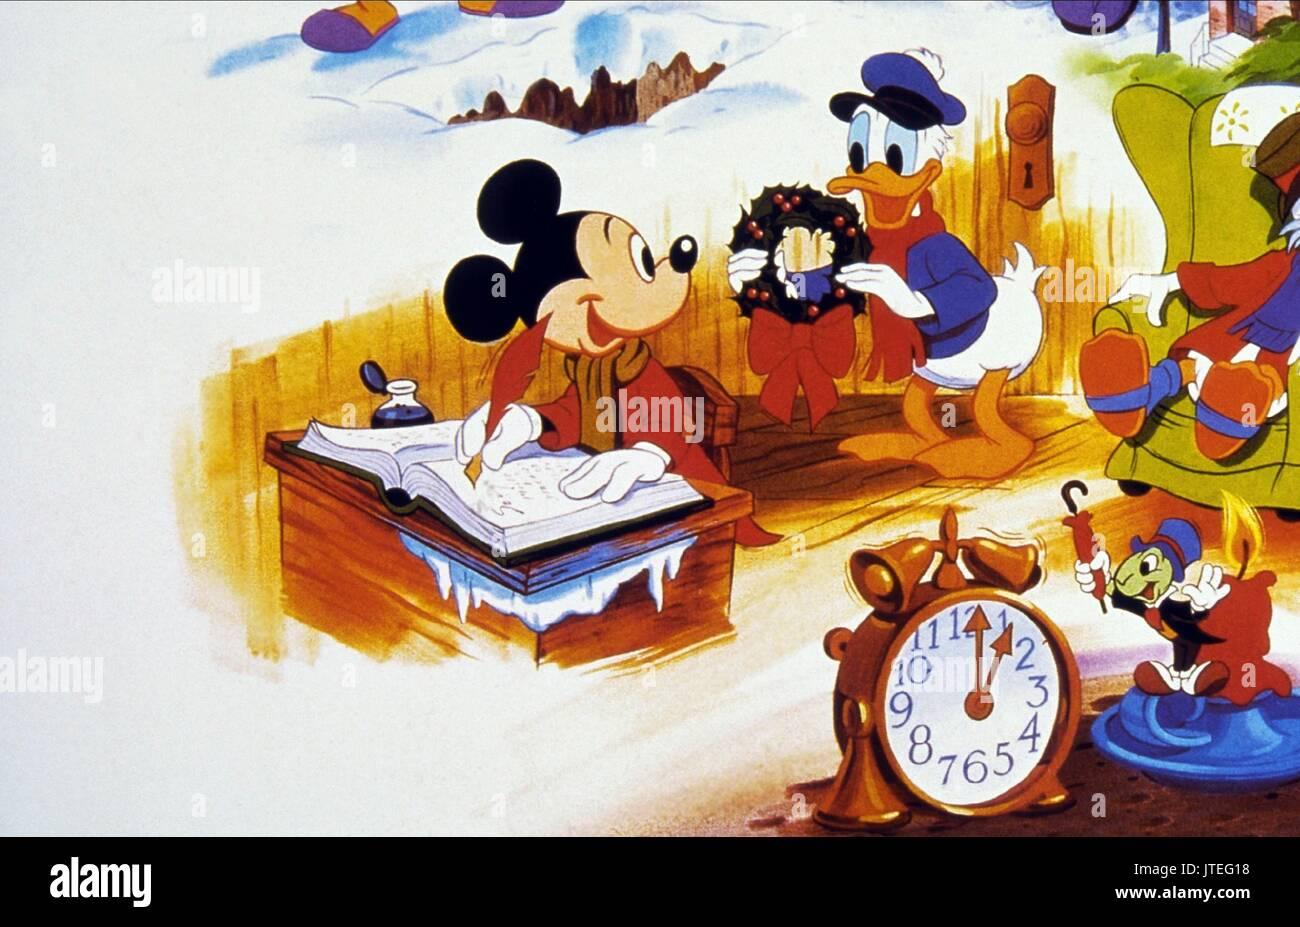 Jiminy Cricket Stock Photos & Jiminy Cricket Stock Images - Alamy